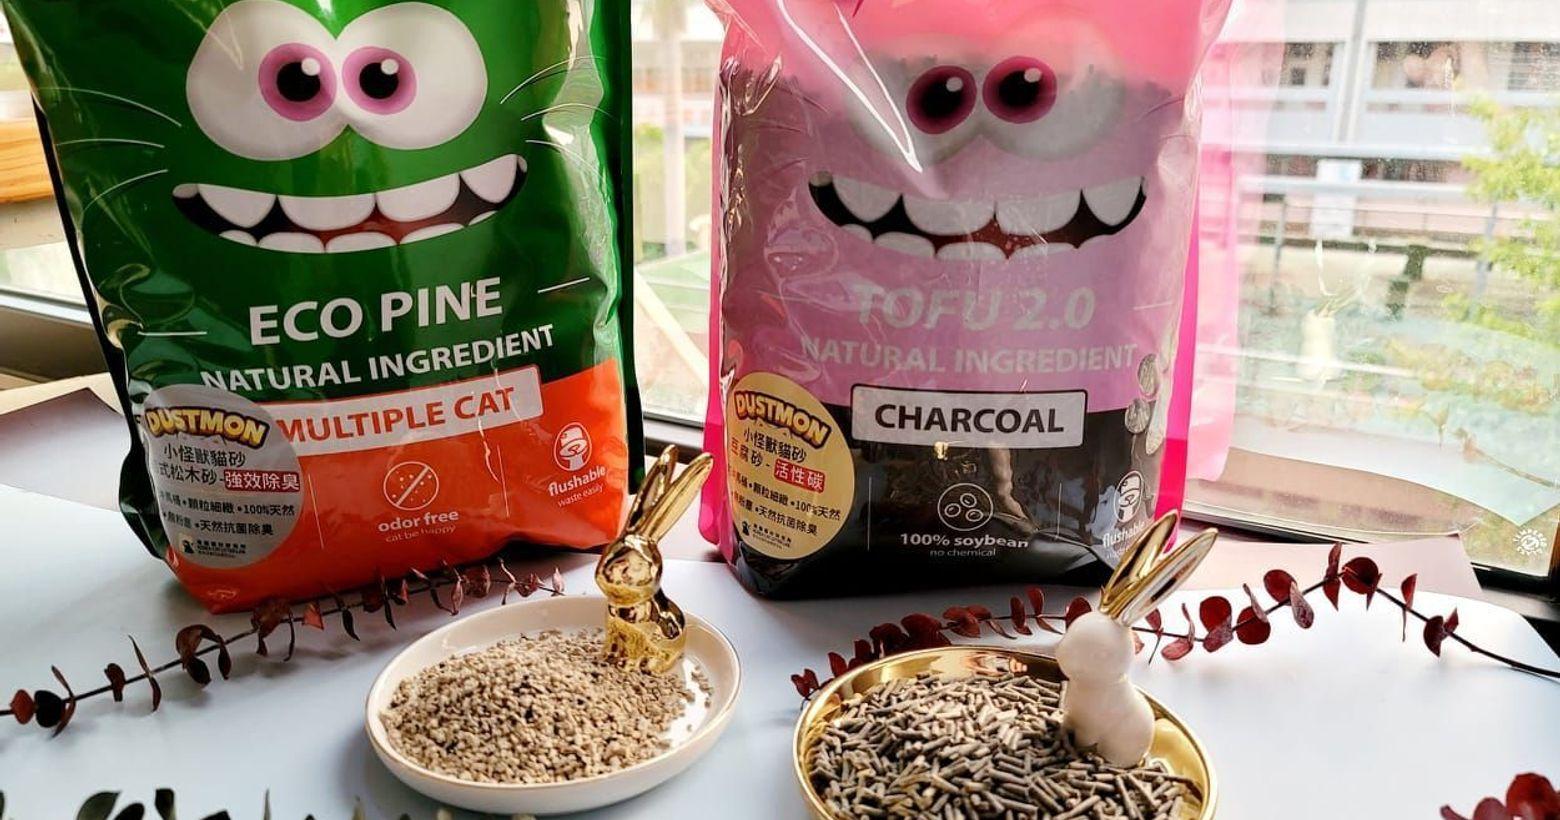 說生活|韓國小怪獸貓砂 豆腐砂VS 松木砂大評比 貓砂推薦今天我要來說說給我們家哈雷找新貓砂啦這次評